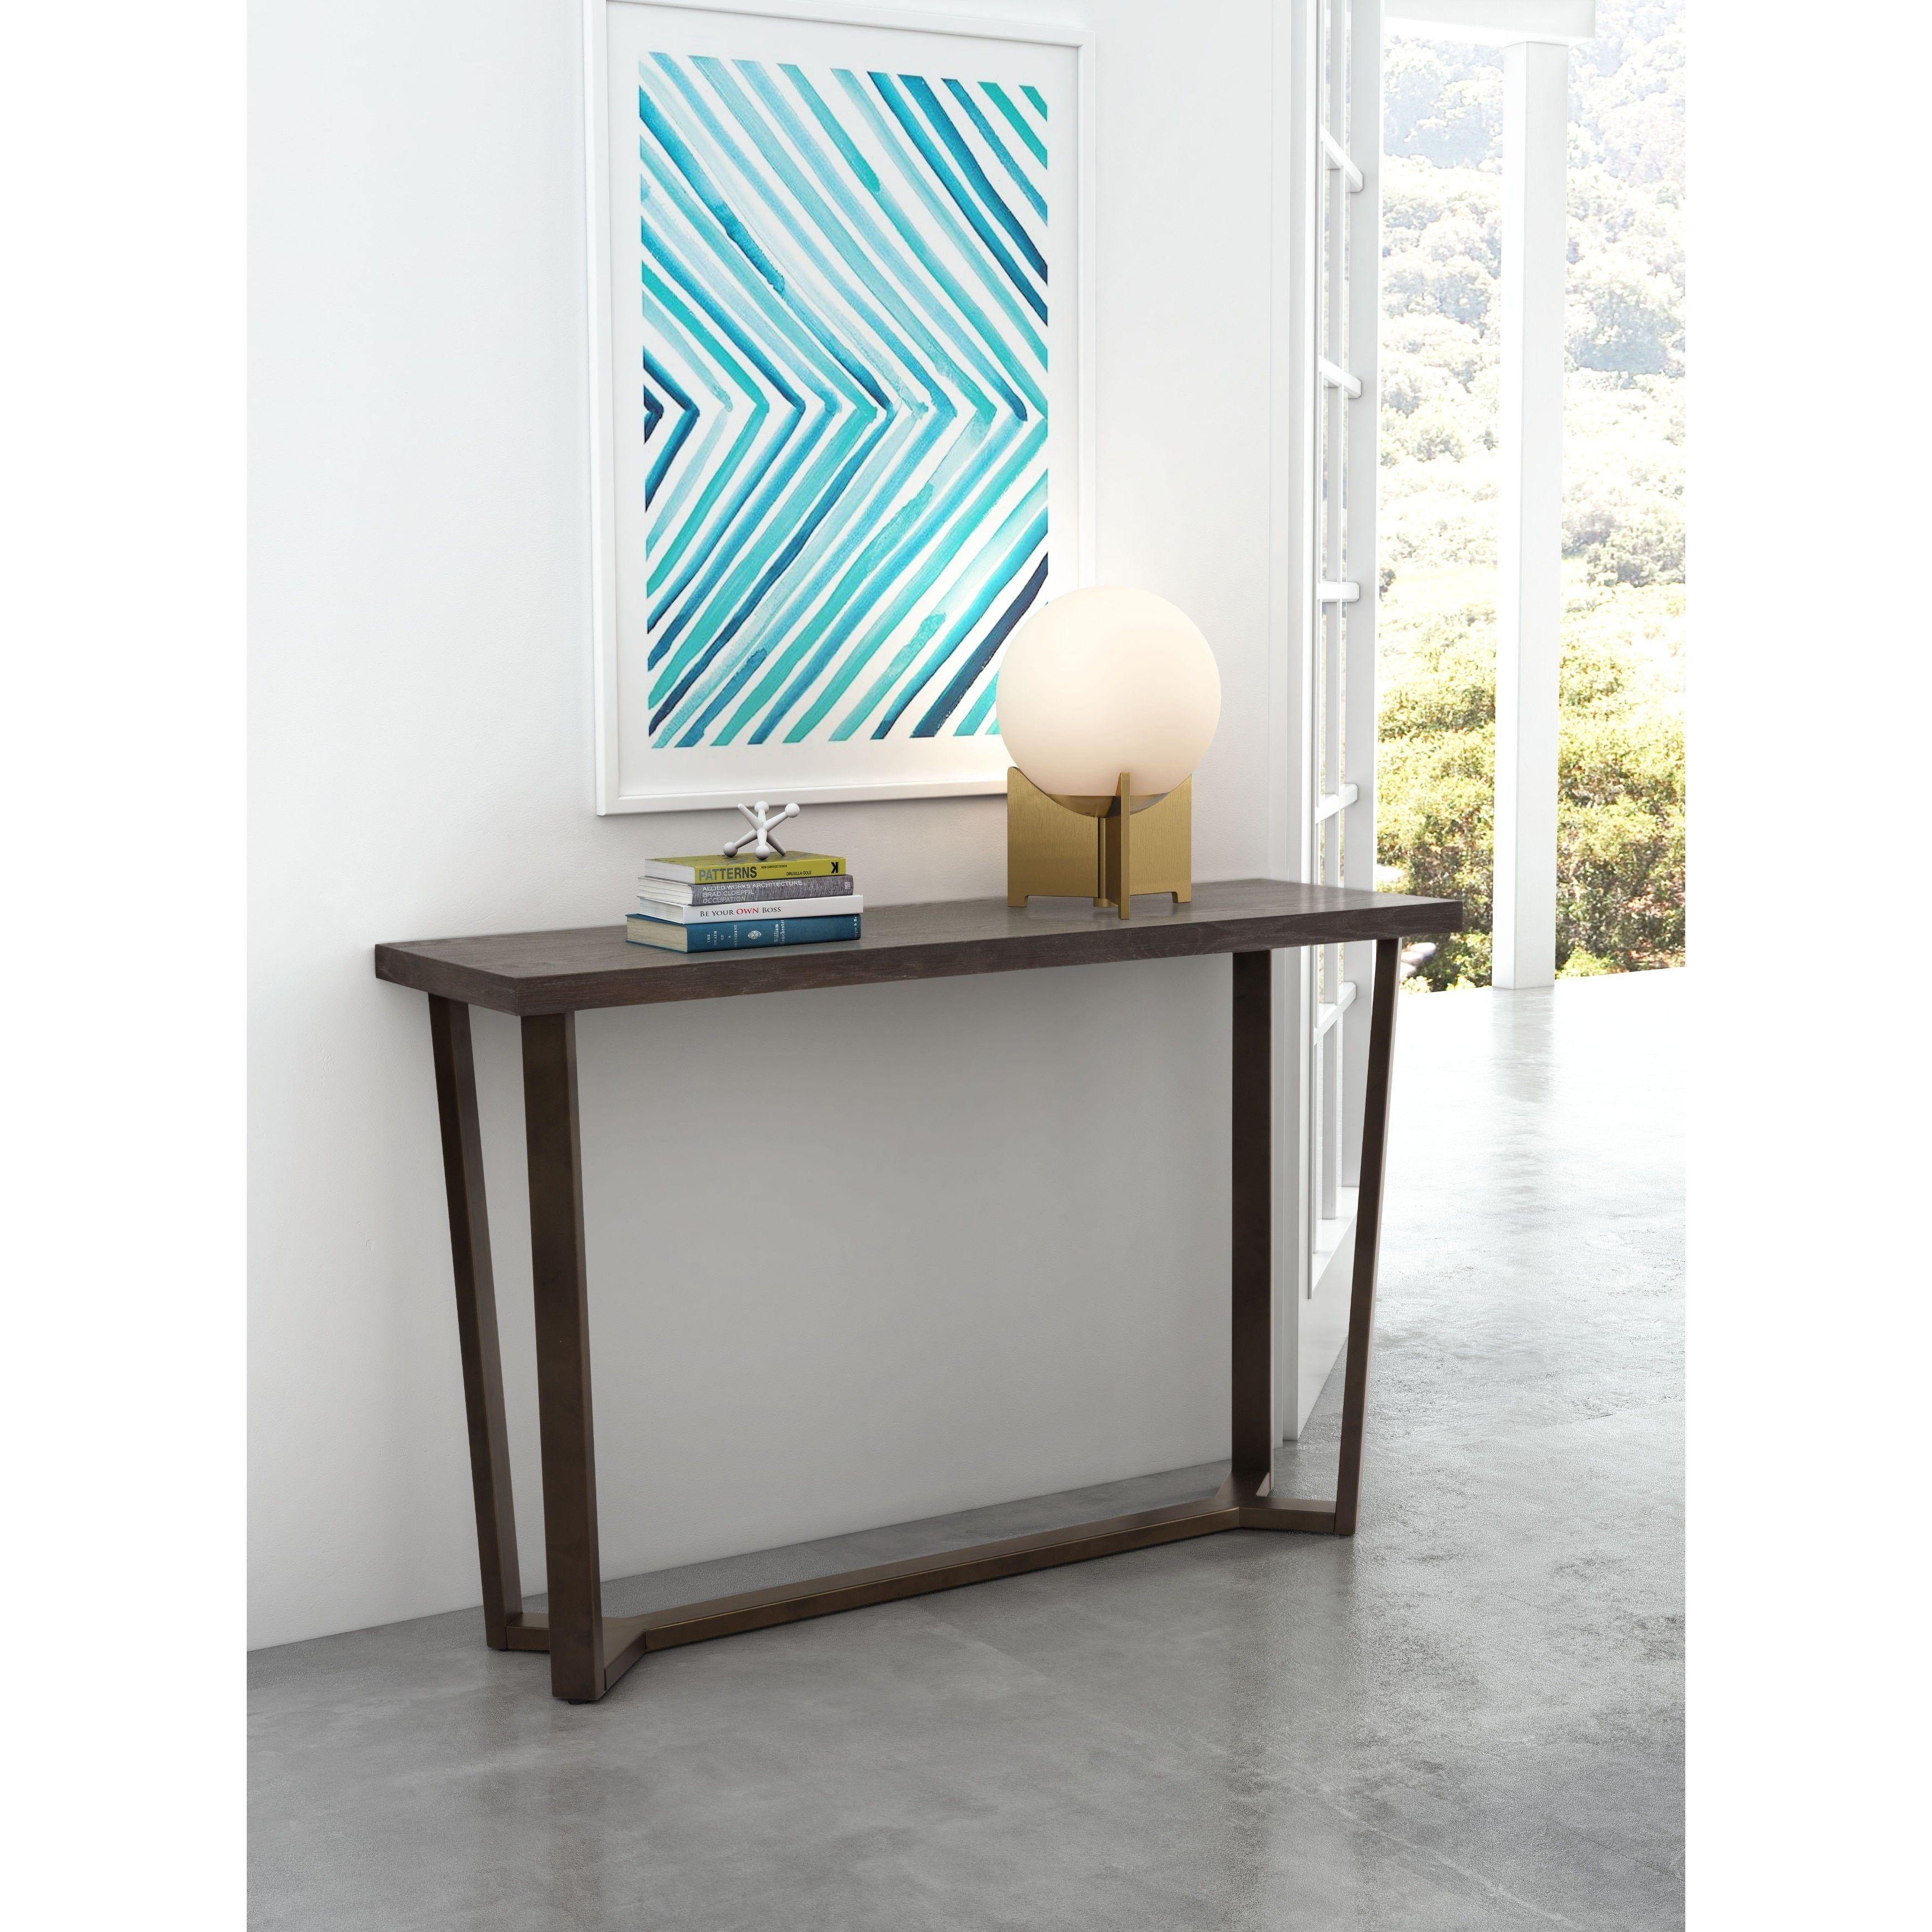 Zuo brooklyn grey oak console table brooklyn console table gray zuo brooklyn grey oak console table brooklyn console table gray oak aass geotapseo Choice Image